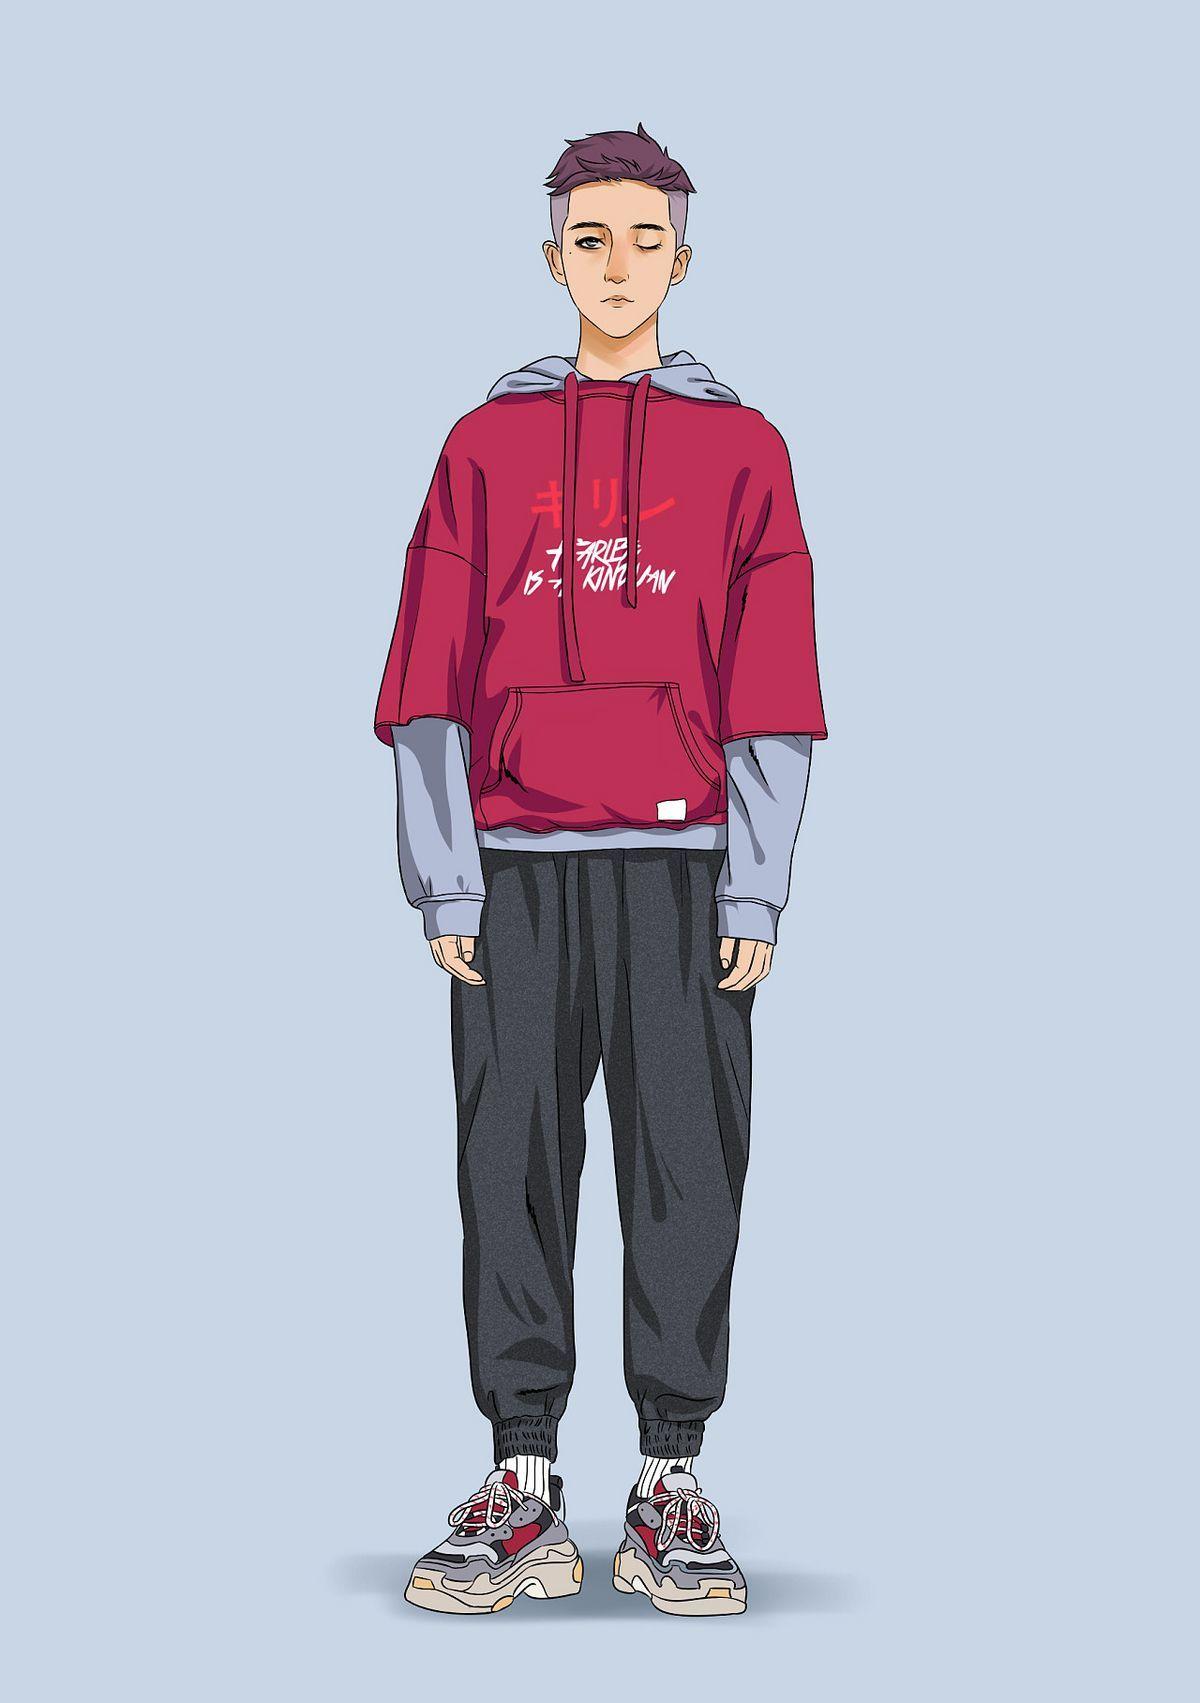 Pin Oleh Mr Dancok Di Fashion Illustration Model Pakaian Pria Orang Animasi Gambar